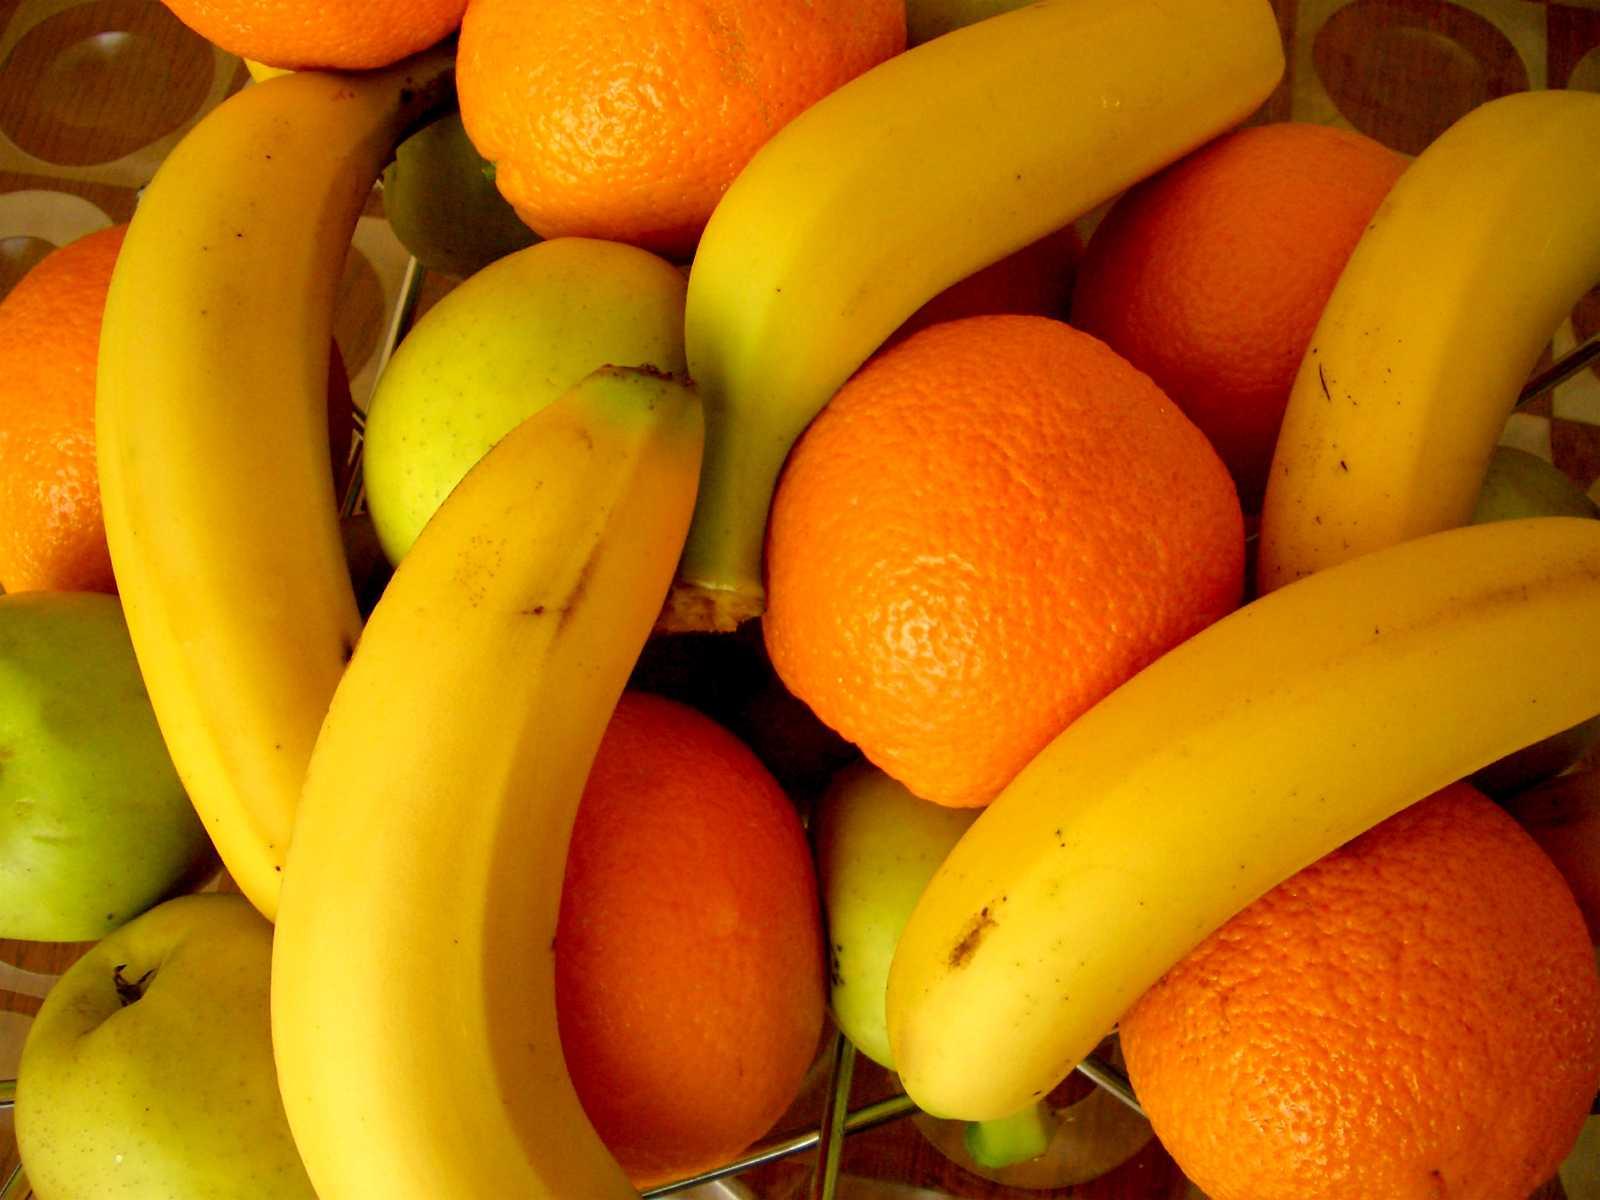 фрукты, апельсины и бананы, скачать фото, banana wallpaper, обои на рабочий стол